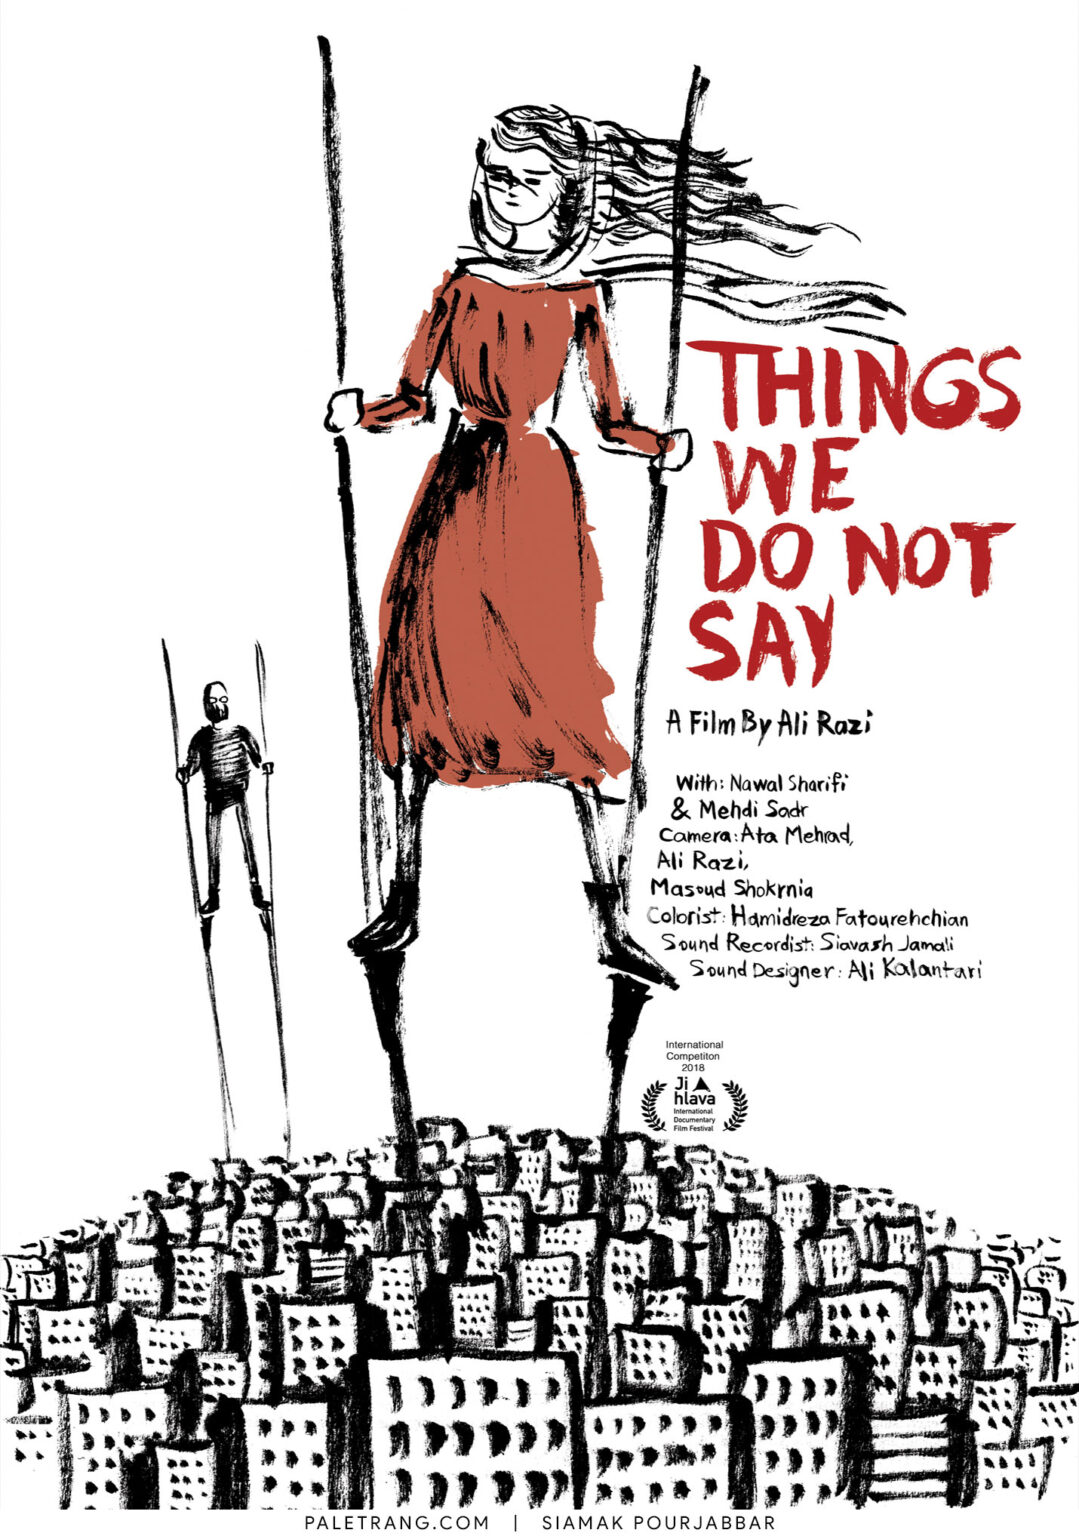 پوستر فیلم سینمایی چیزهایی که نمی گوییم اثر سیامک پورجبار